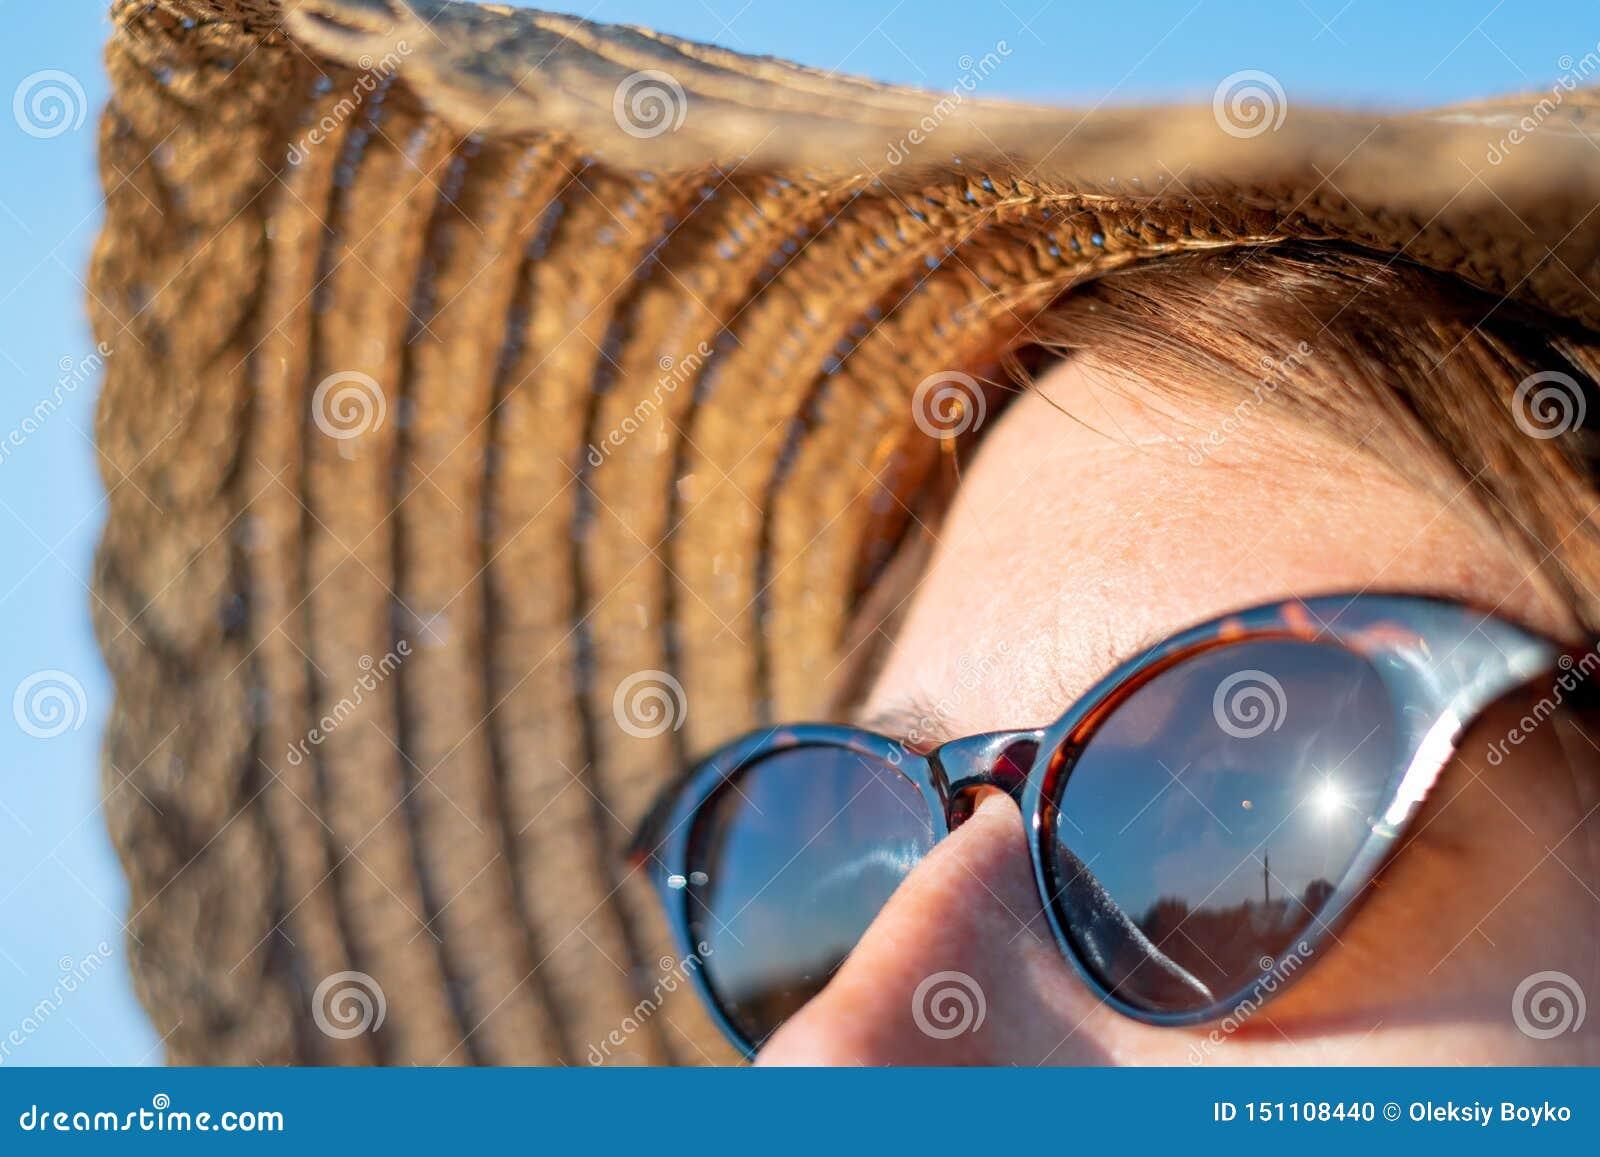 Voorhoofd van een vrouw met sproeten in direct zonlicht, close-upmening